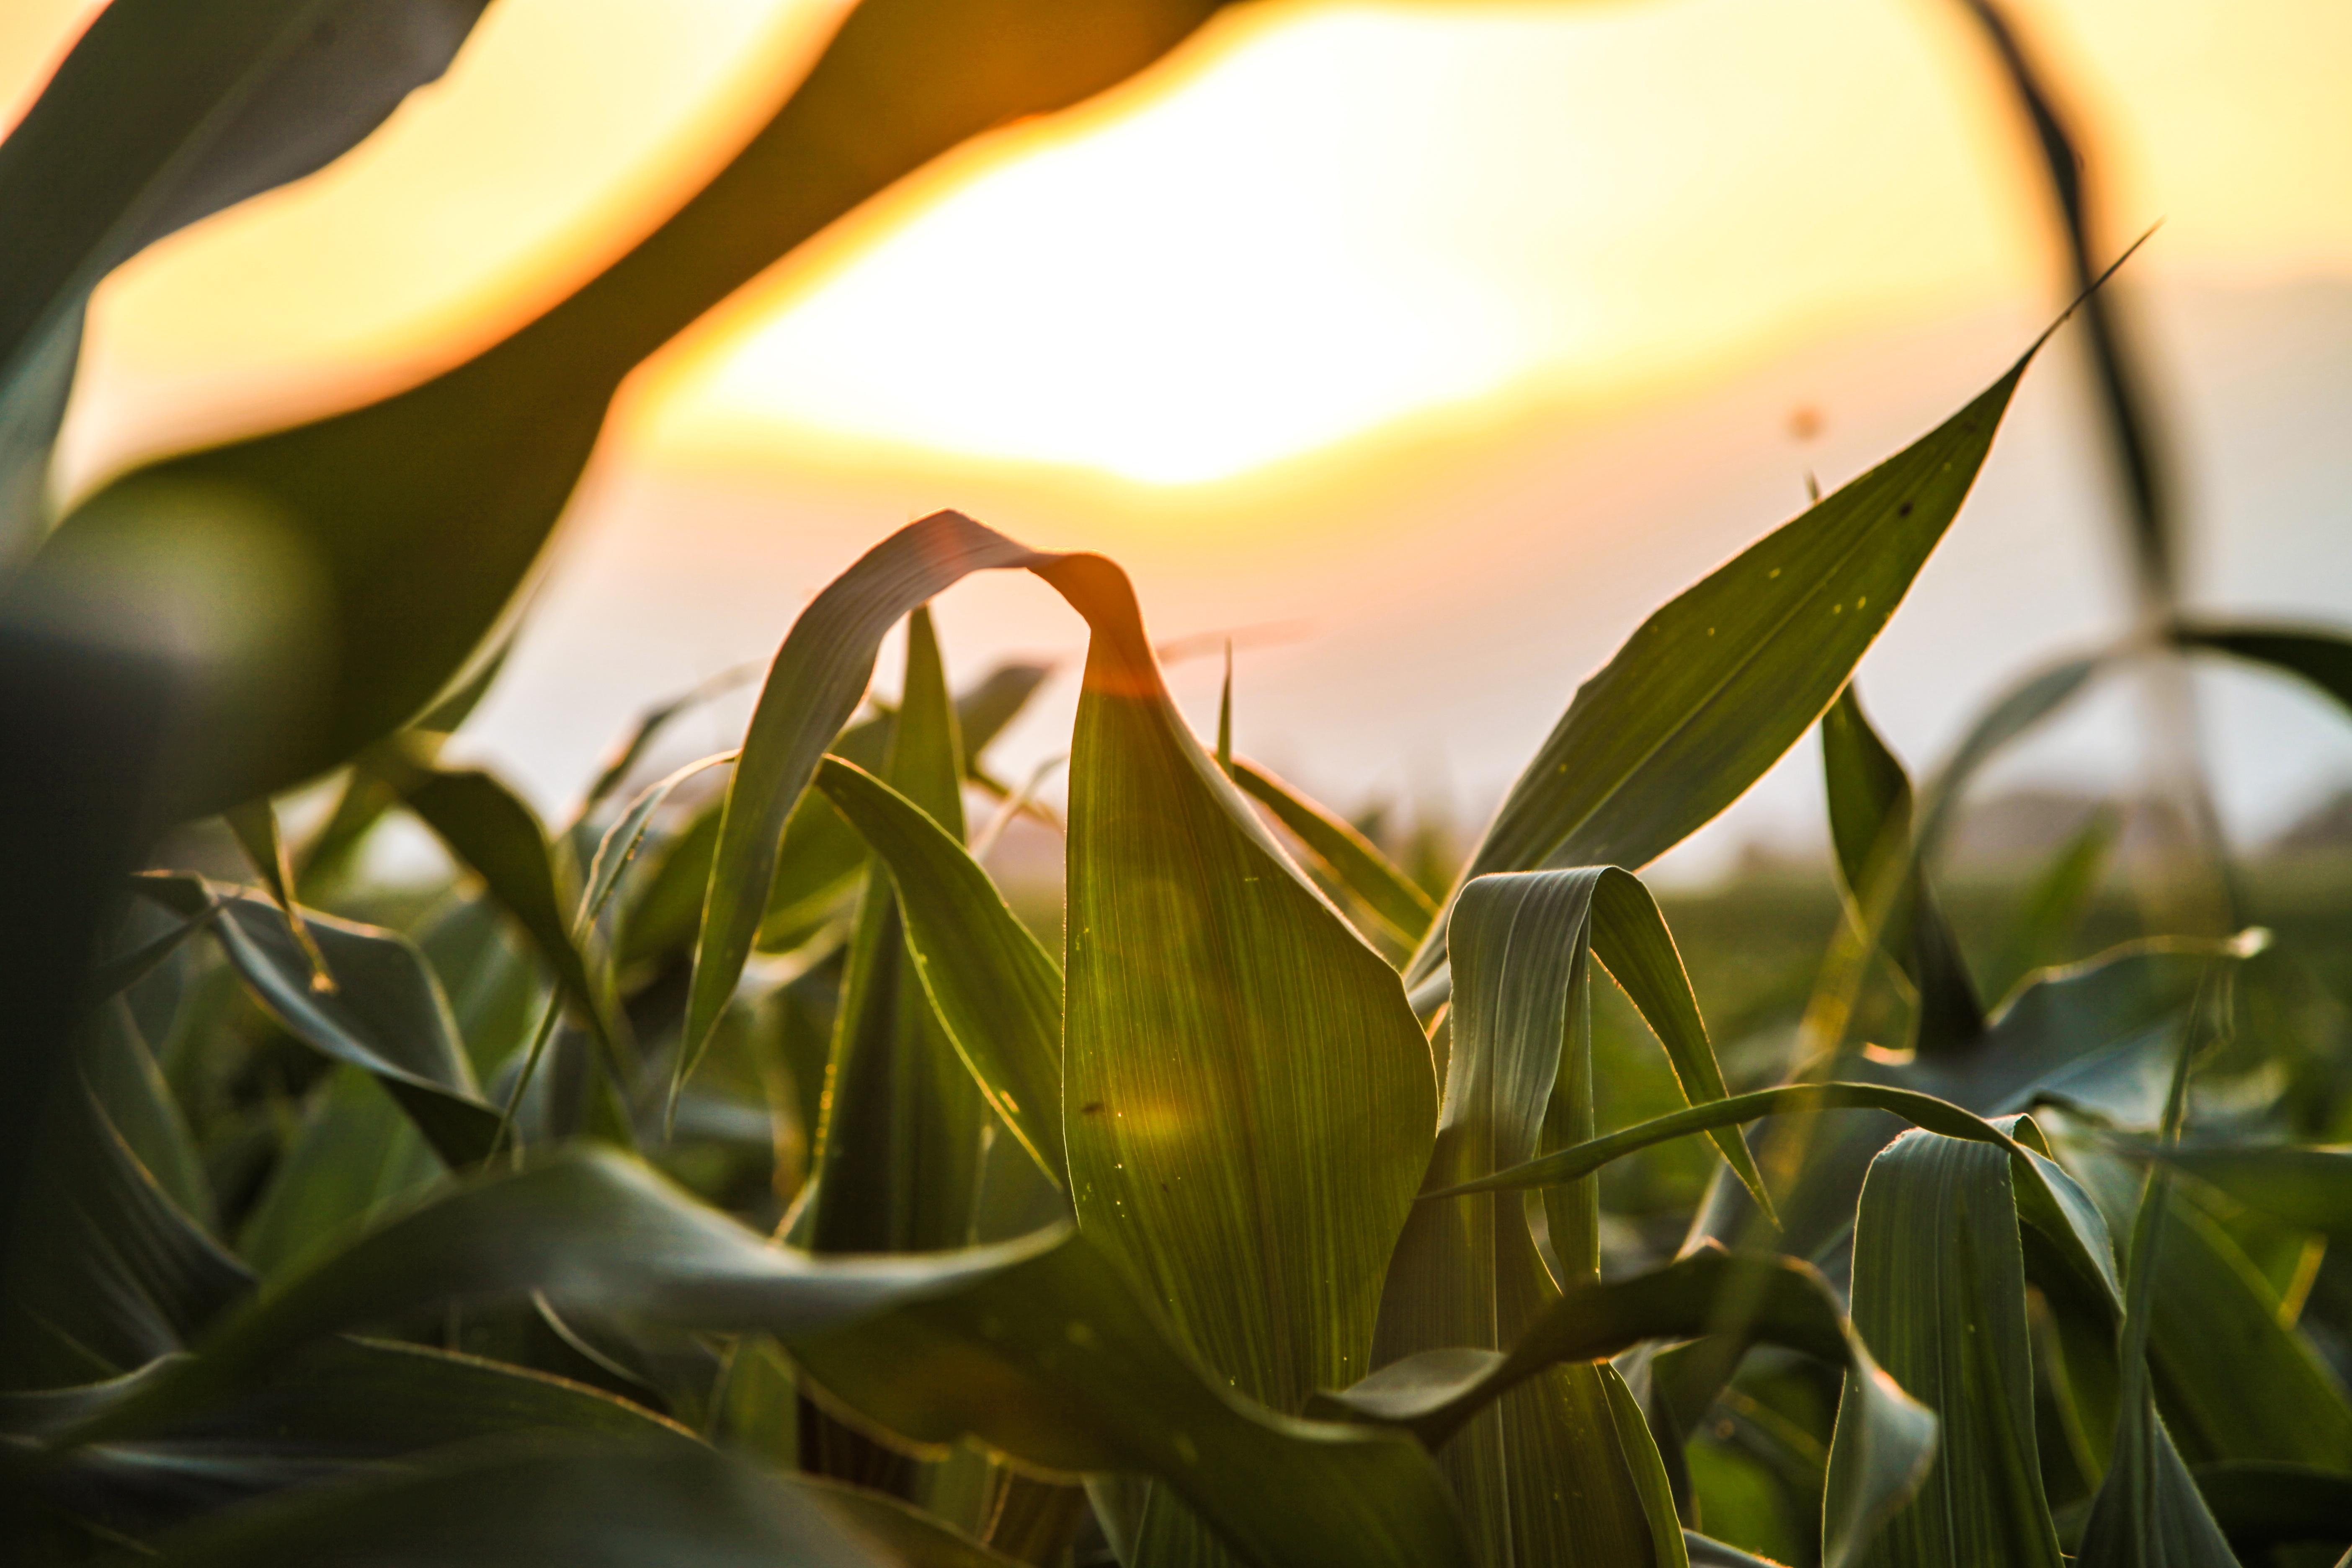 A-SMYLE/FLEX program: Prelep prizor kukurznih polja izjutra